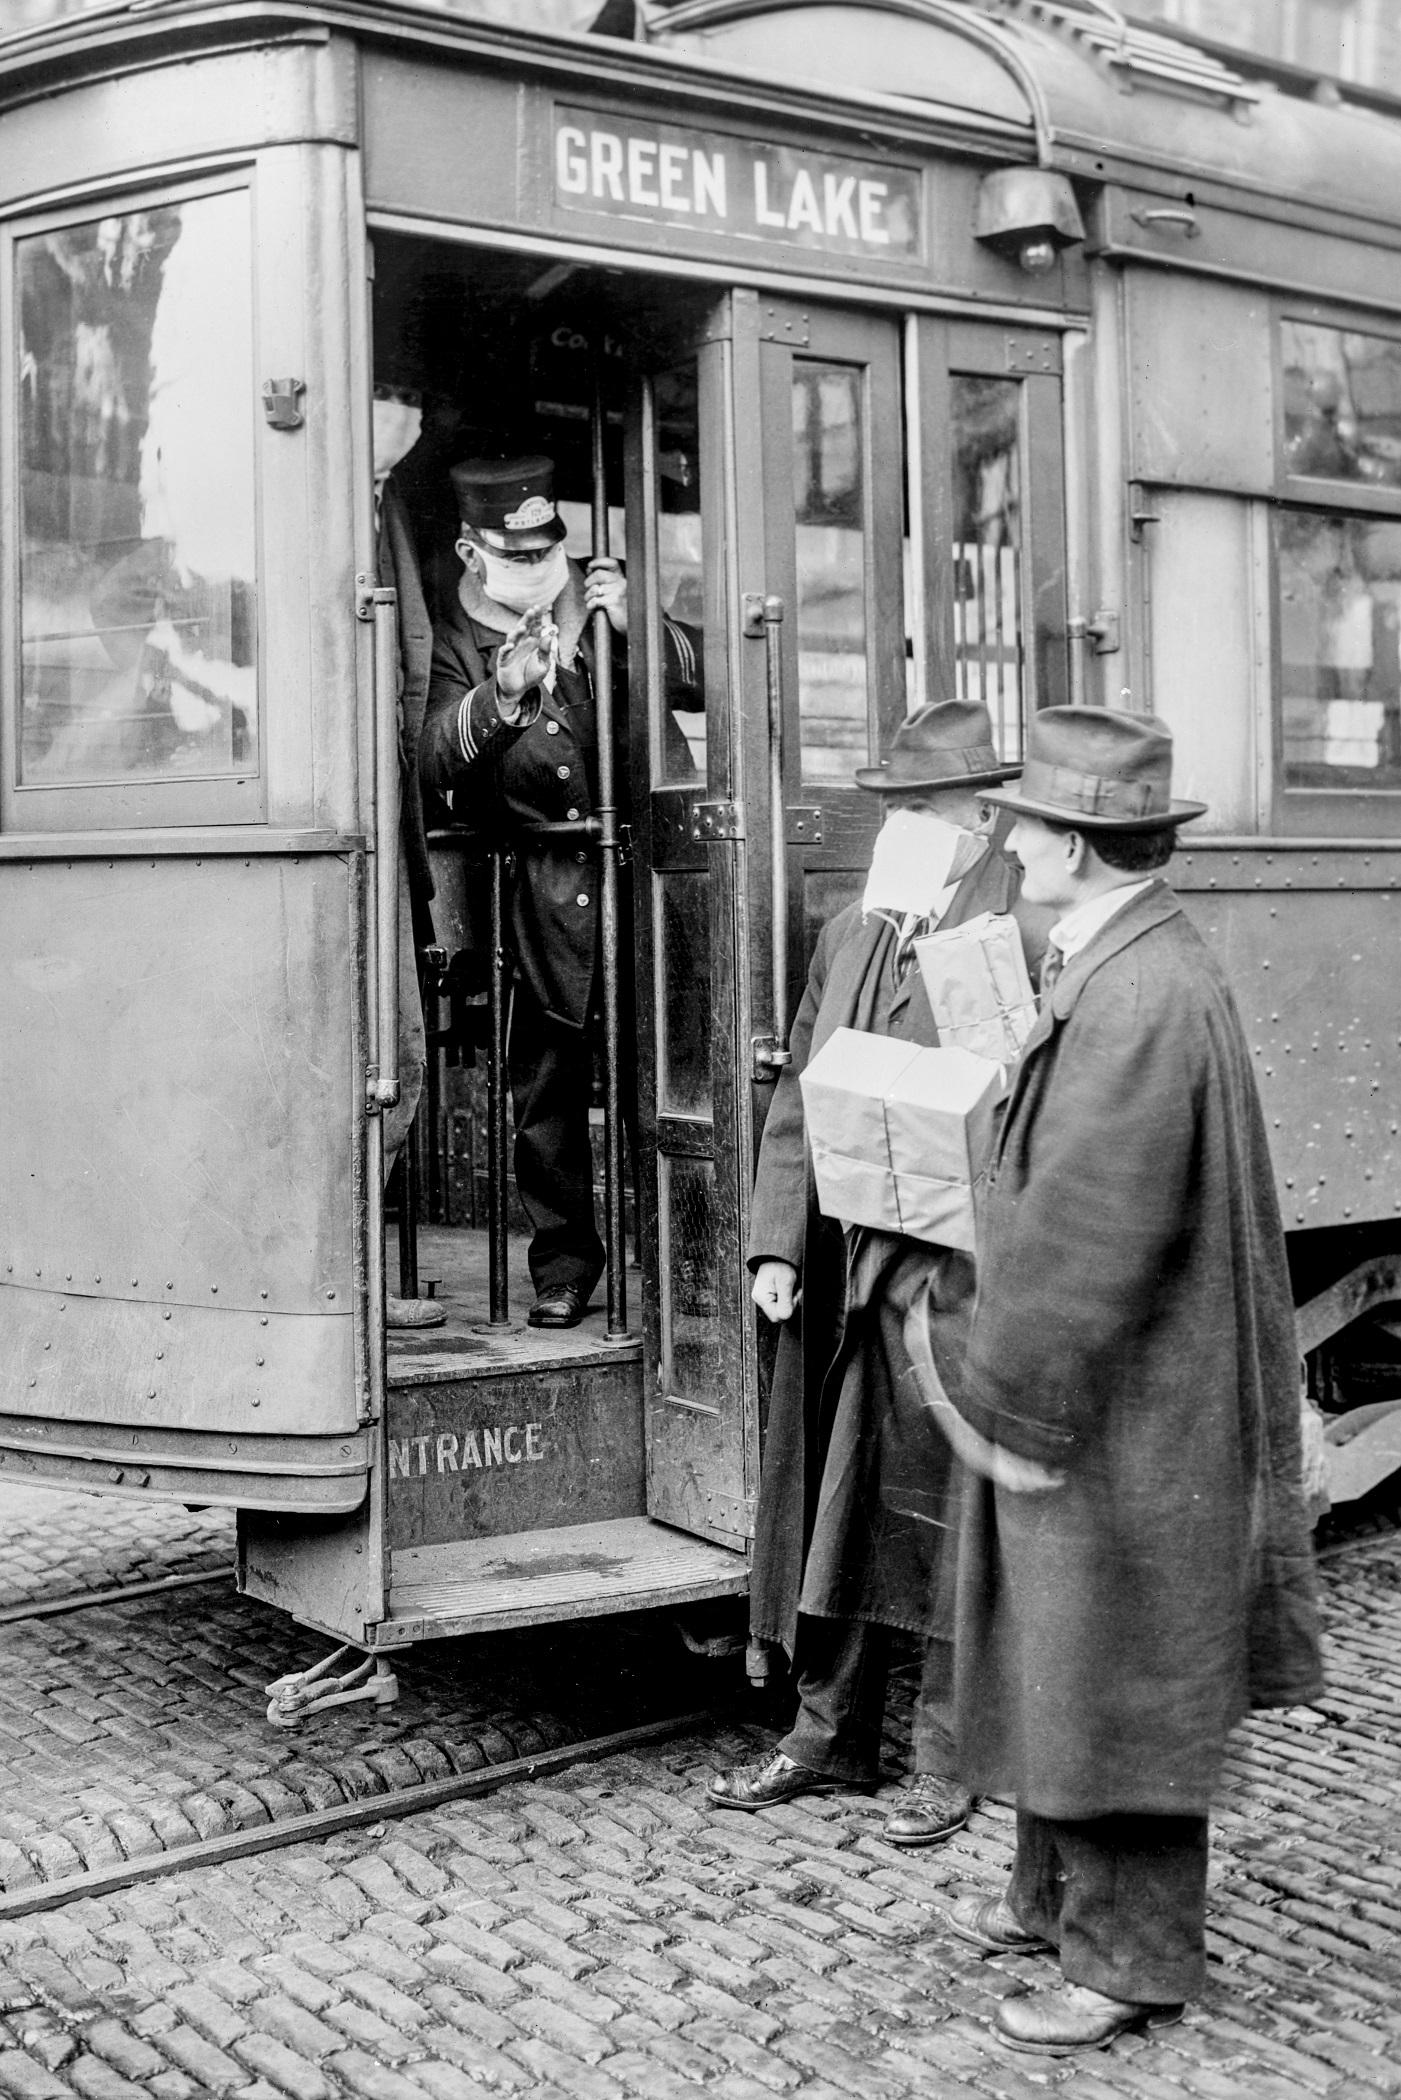 Passageiro é impedido de entrar em bonde por não estar usando uma máscara em Seattle, Estados Unidos, durante gripe espanhola (1918)